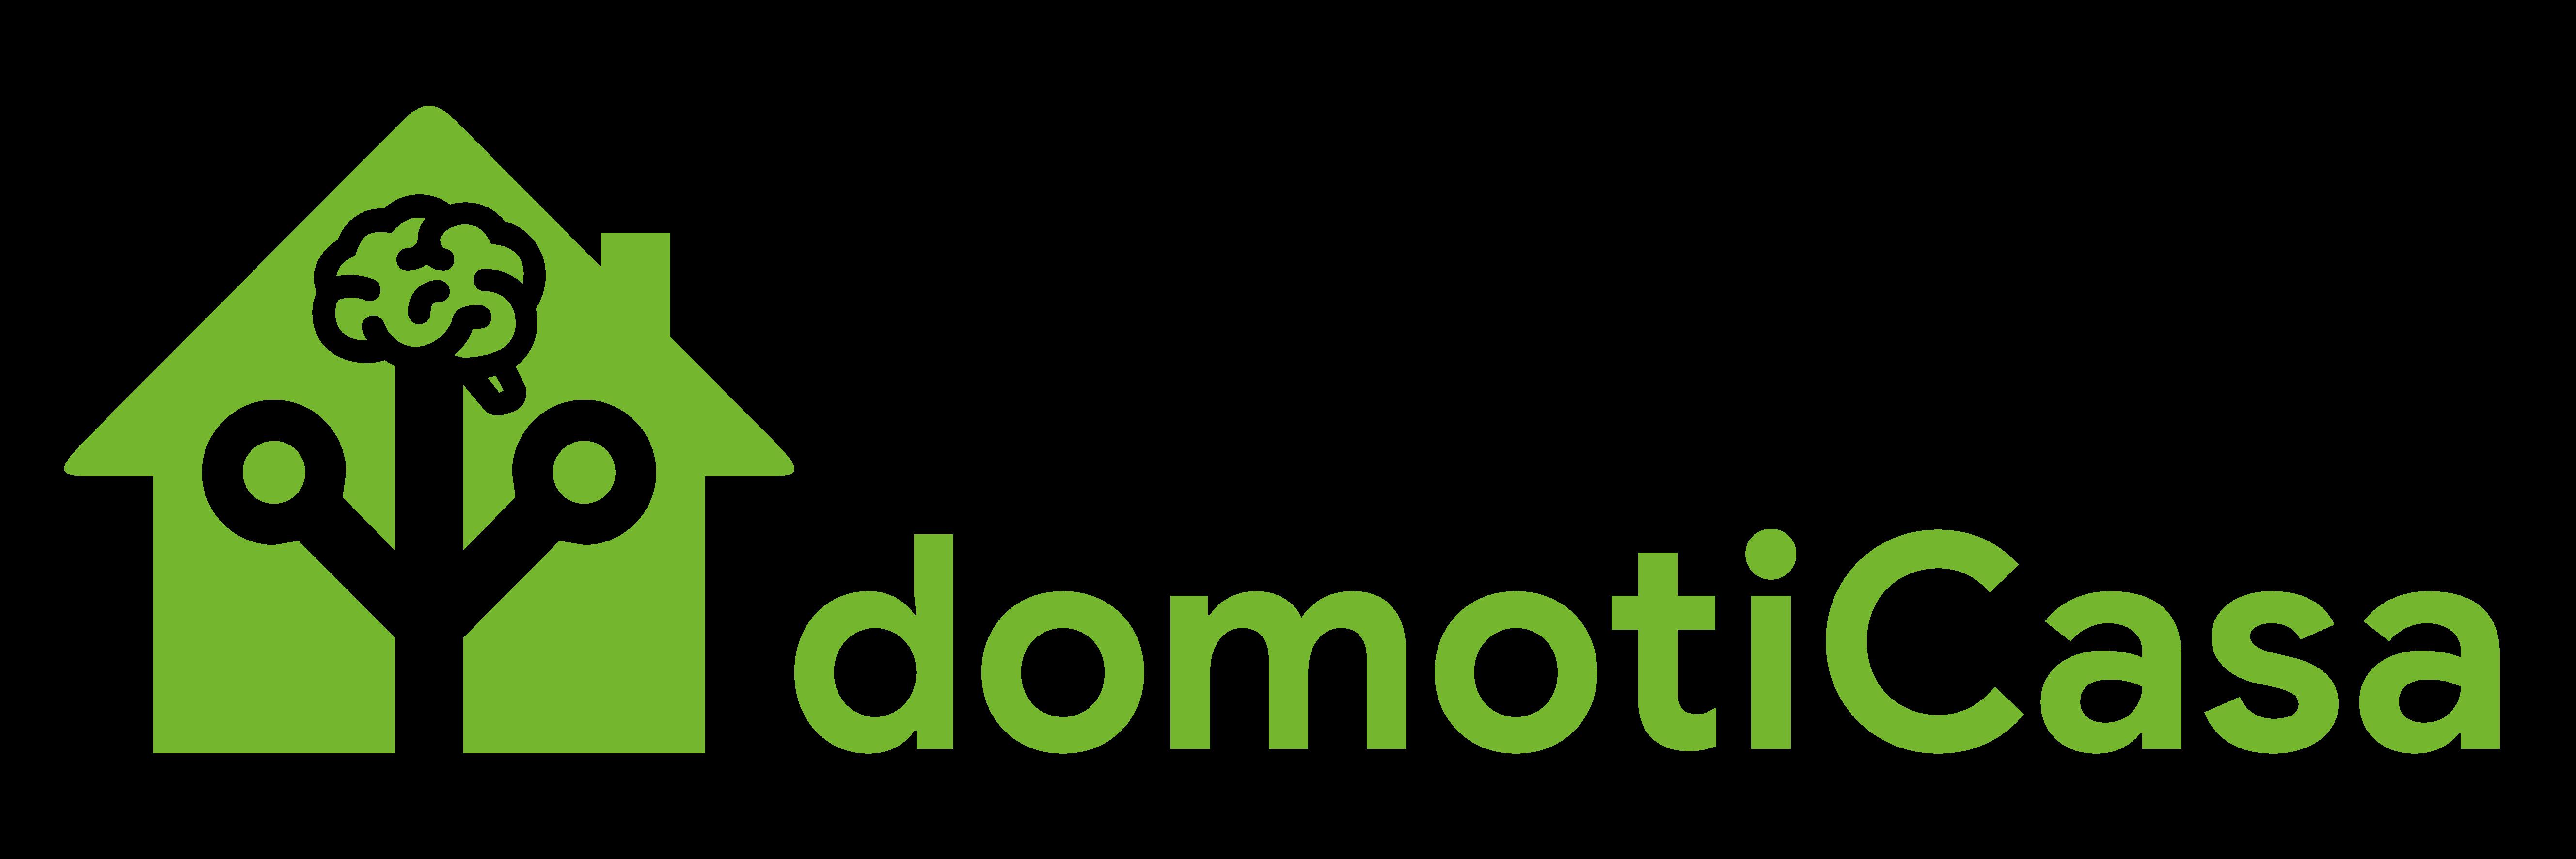 domotiCasa